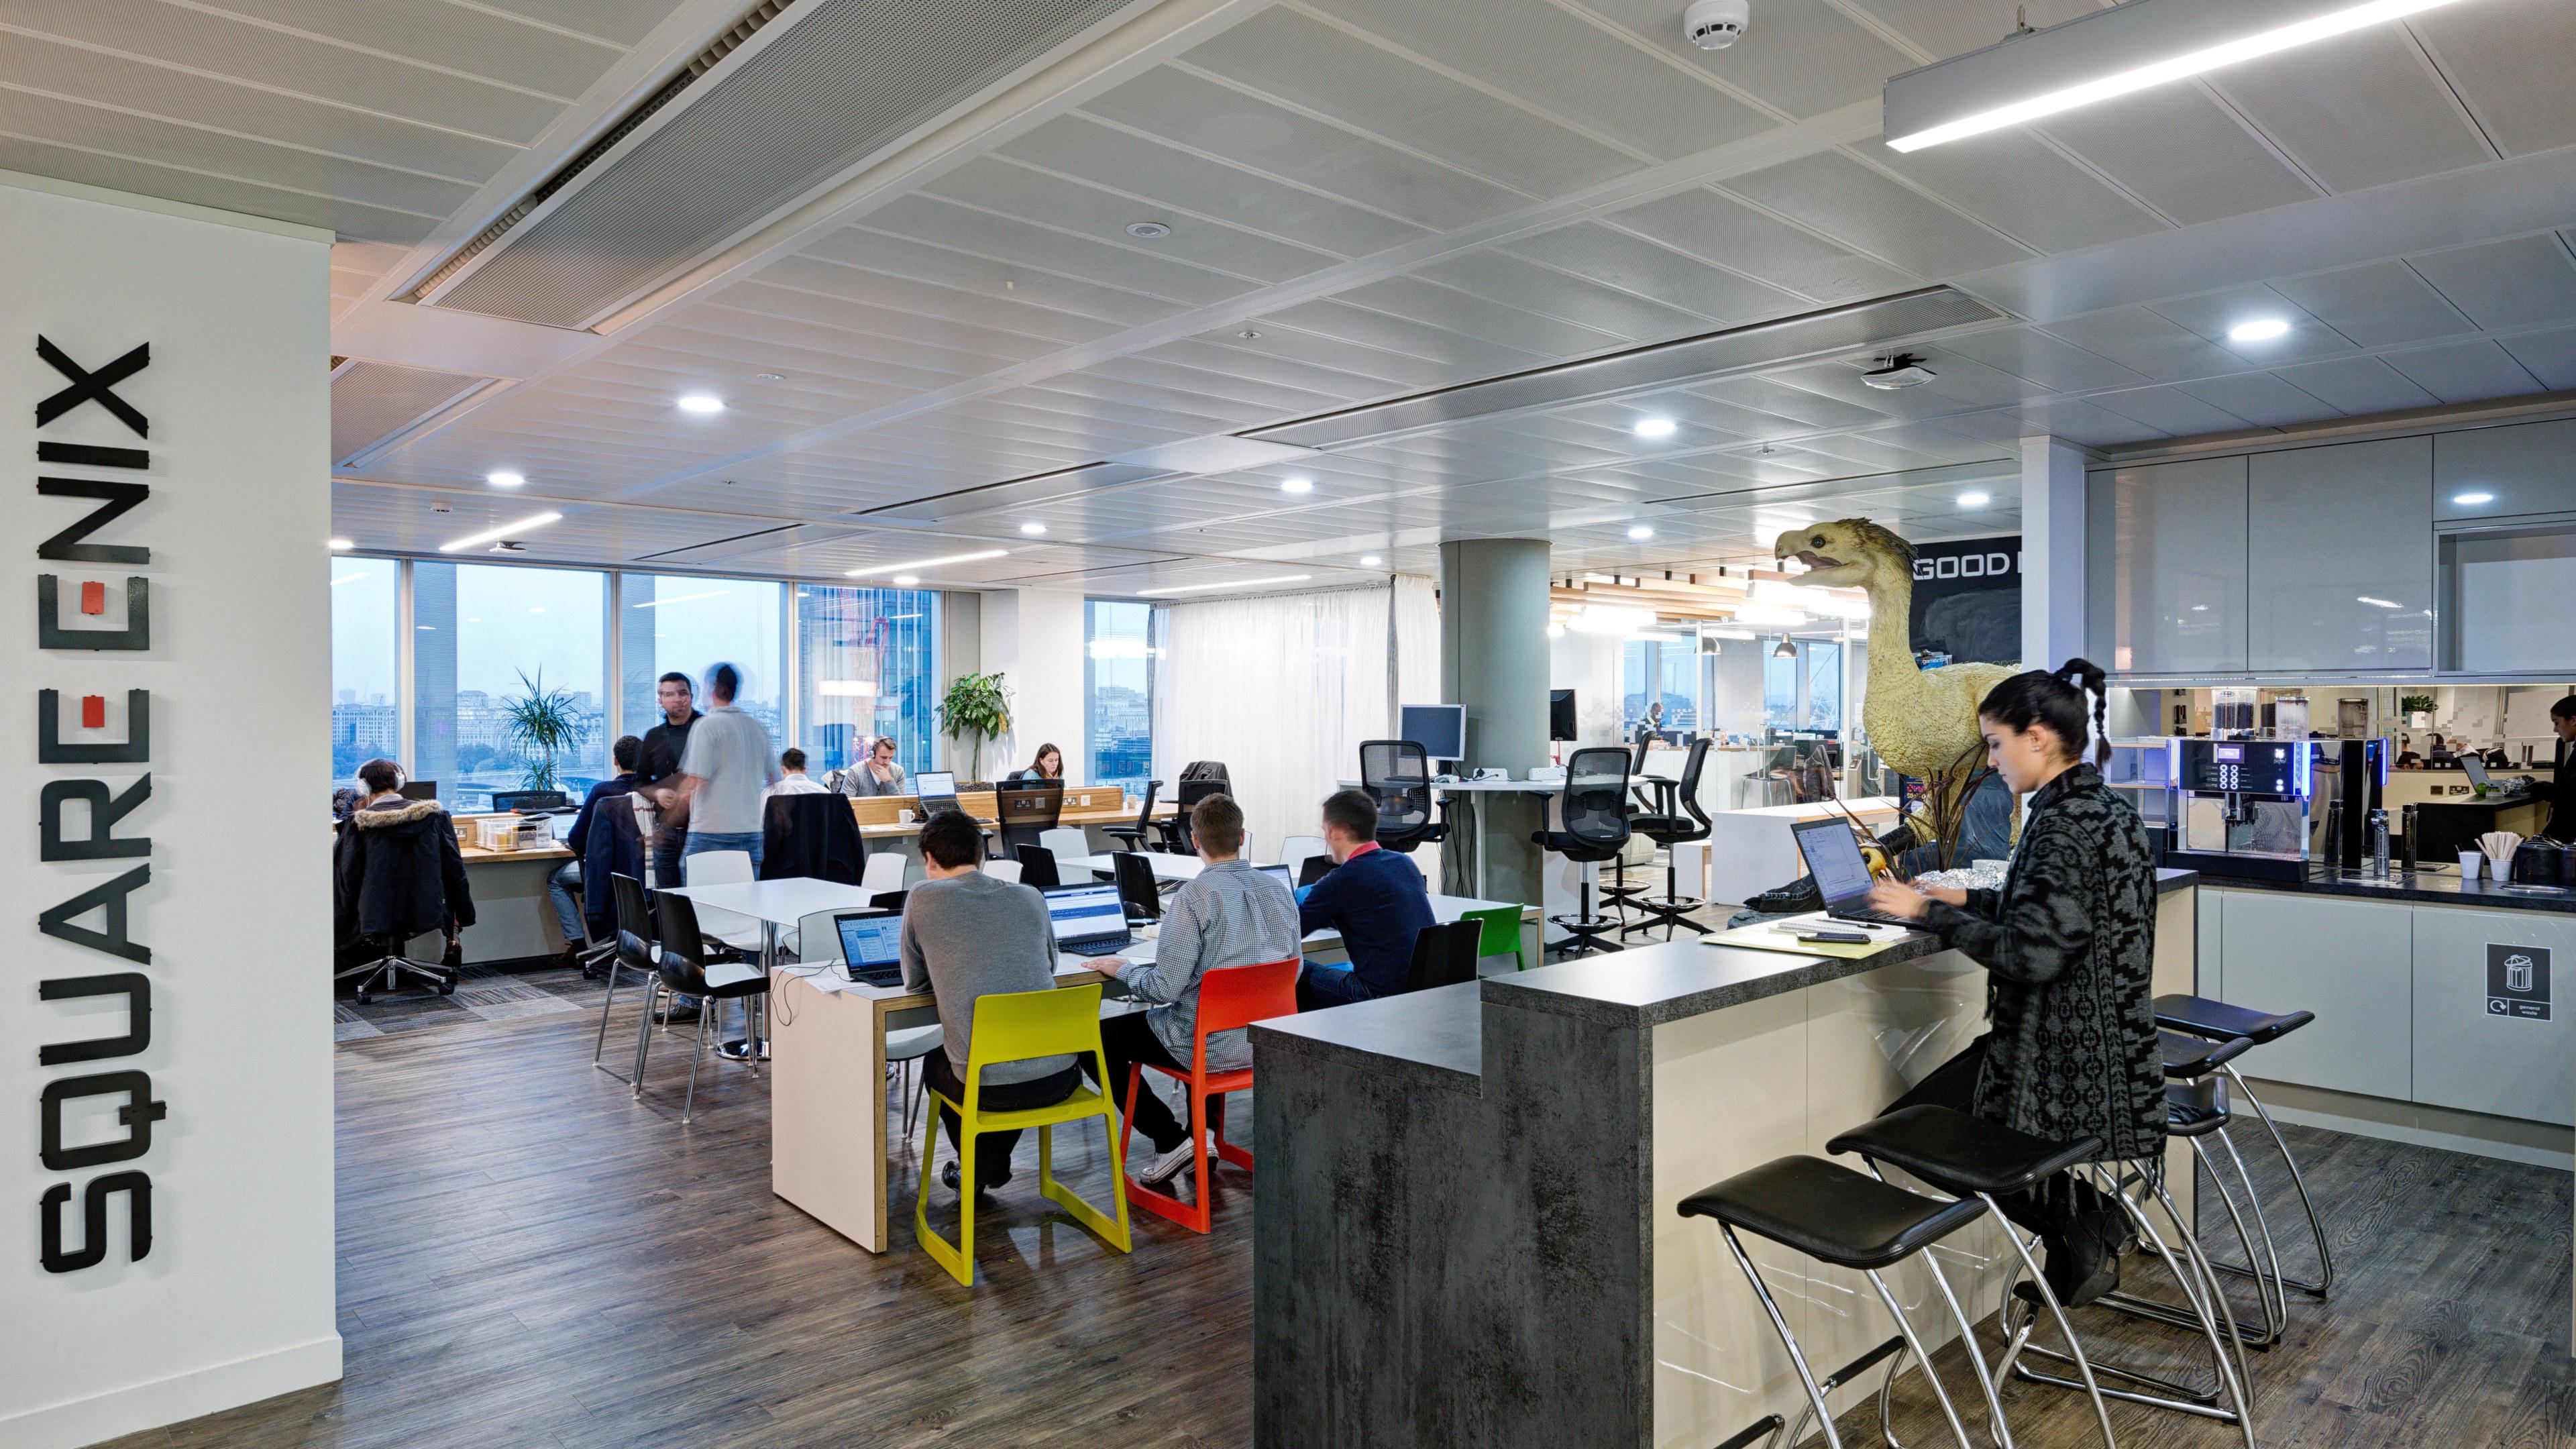 square enix office fit